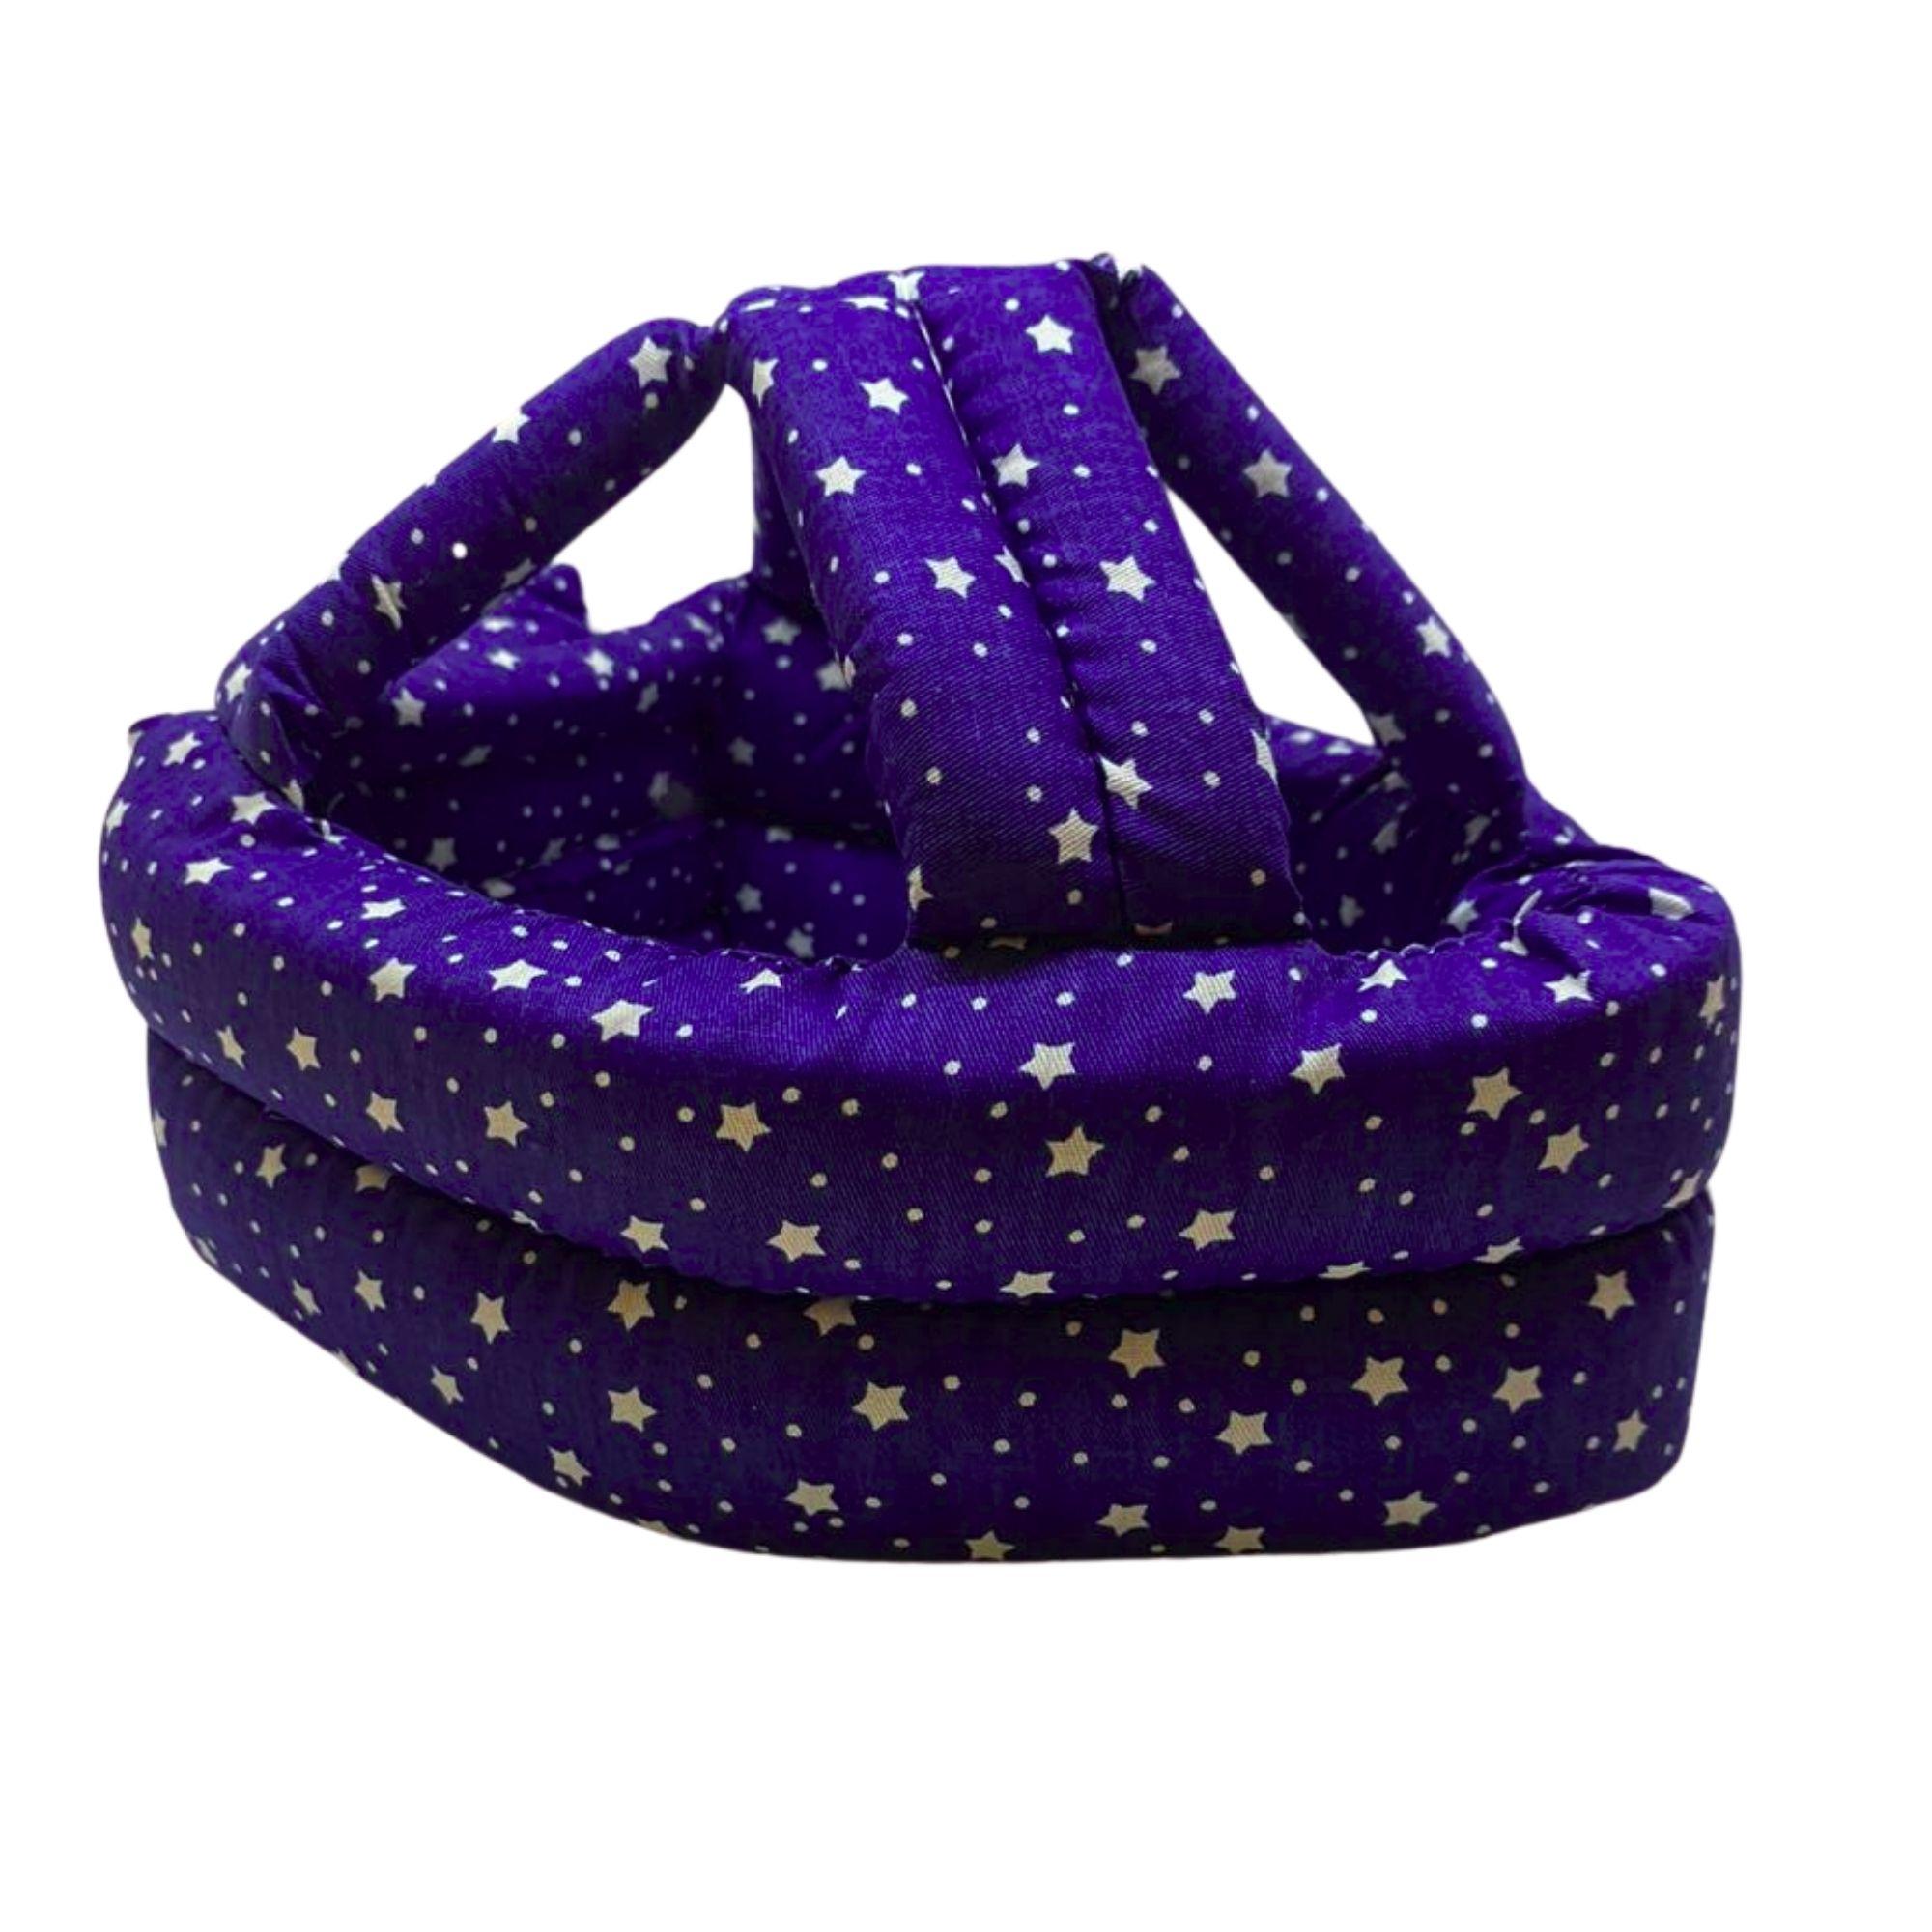 Capacete de Proteção para bebê Engatinhar e Andar Azul com Estrelas  - Game Land Brinquedos